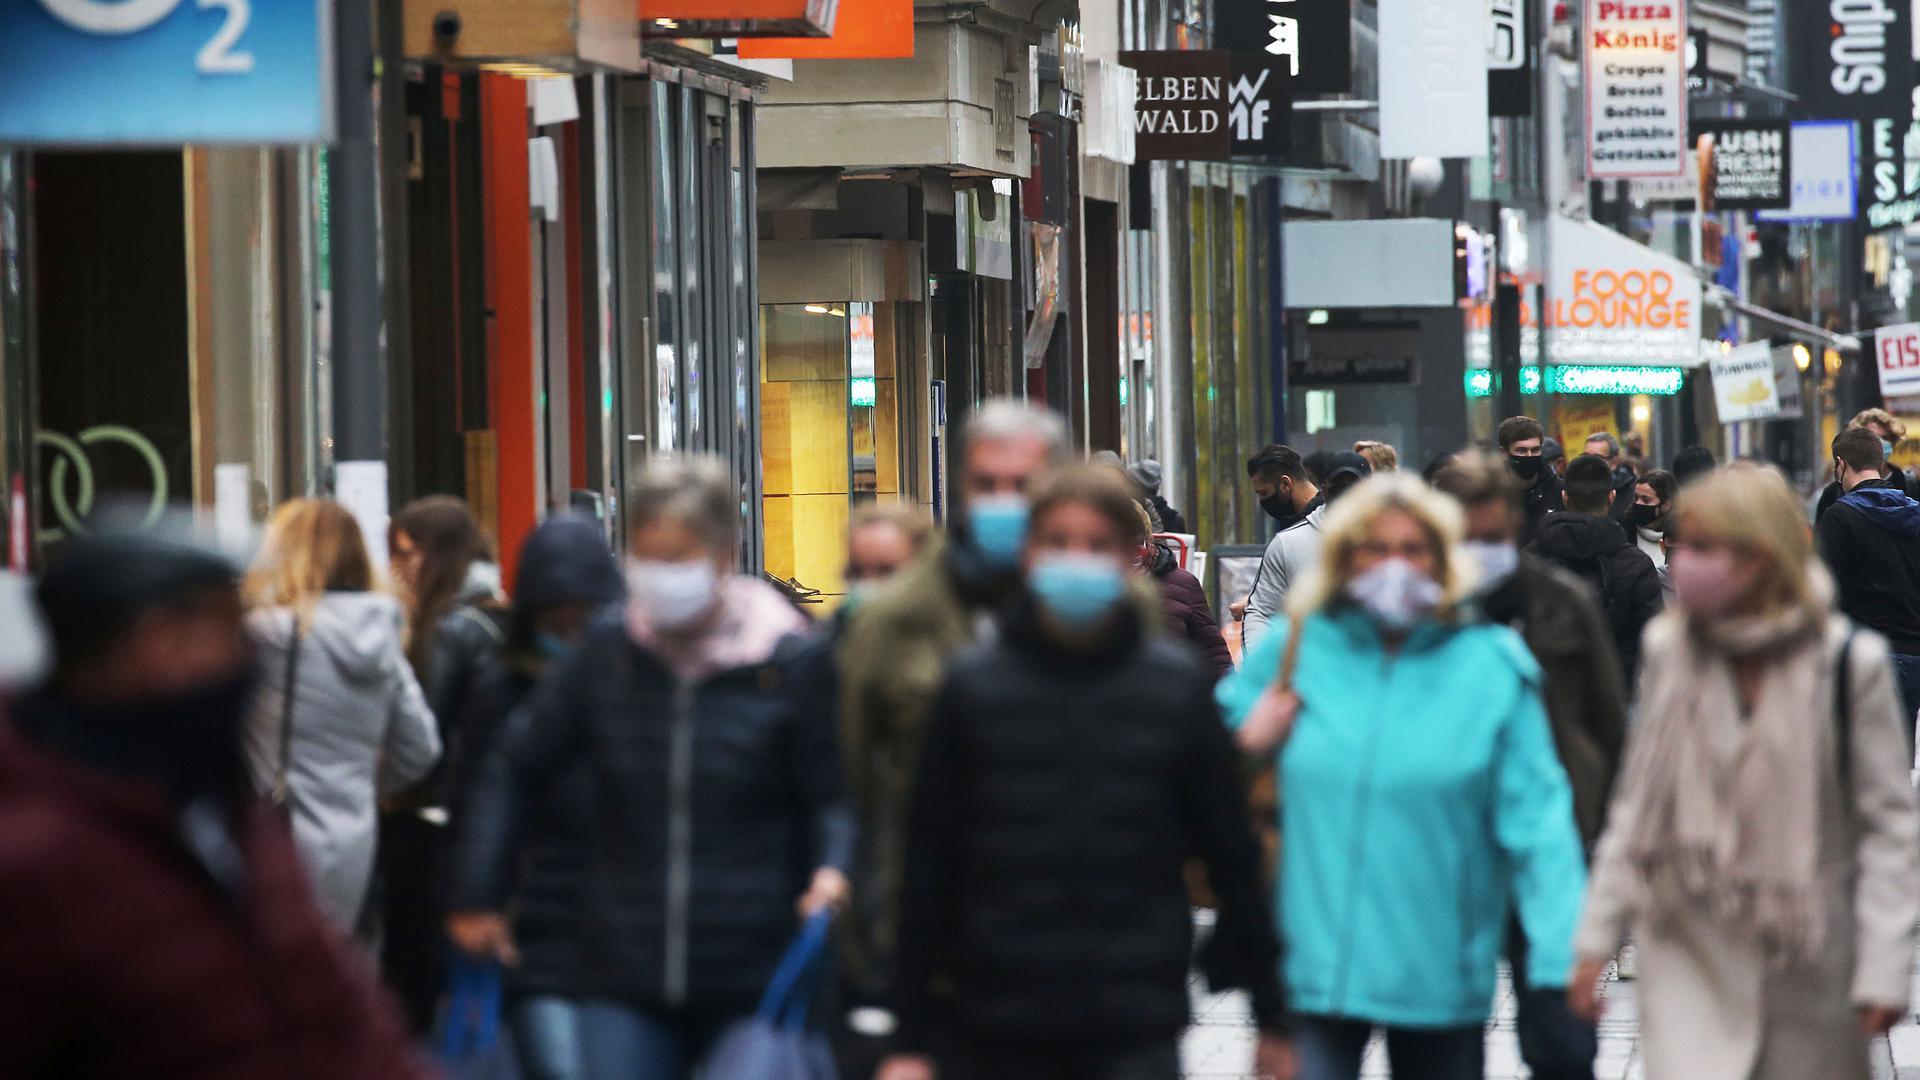 19.10.2020, Nordrhein-Westfalen, Köln: Menschen gehen mit Schutzmasken durch die Fußgängerzone. Angesichts steigender Infektionszahlen hatte das Landeskabinett am vergangenen Freitag schärfere Regeln beschlossen. Foto: Oliver Berg/dpa +++ dpa-Bildfunk +++